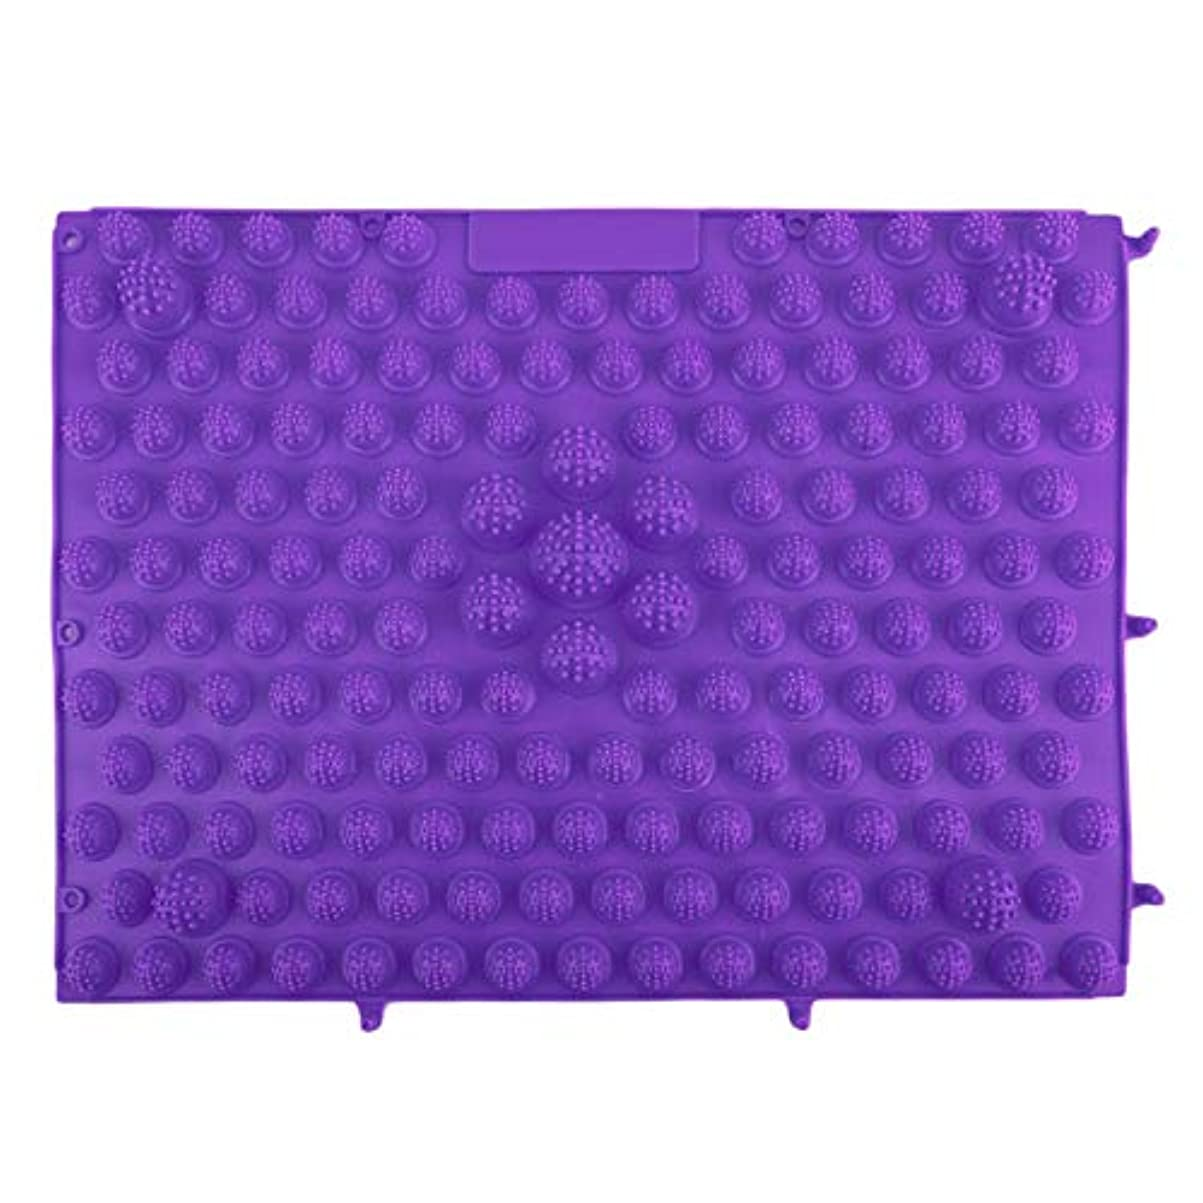 コイン散るチャペル韓国風フットマッサージパッドTPEモダン指圧リフレクソロジーマット鍼灸敷物疲労緩和促進循環 - 紫色